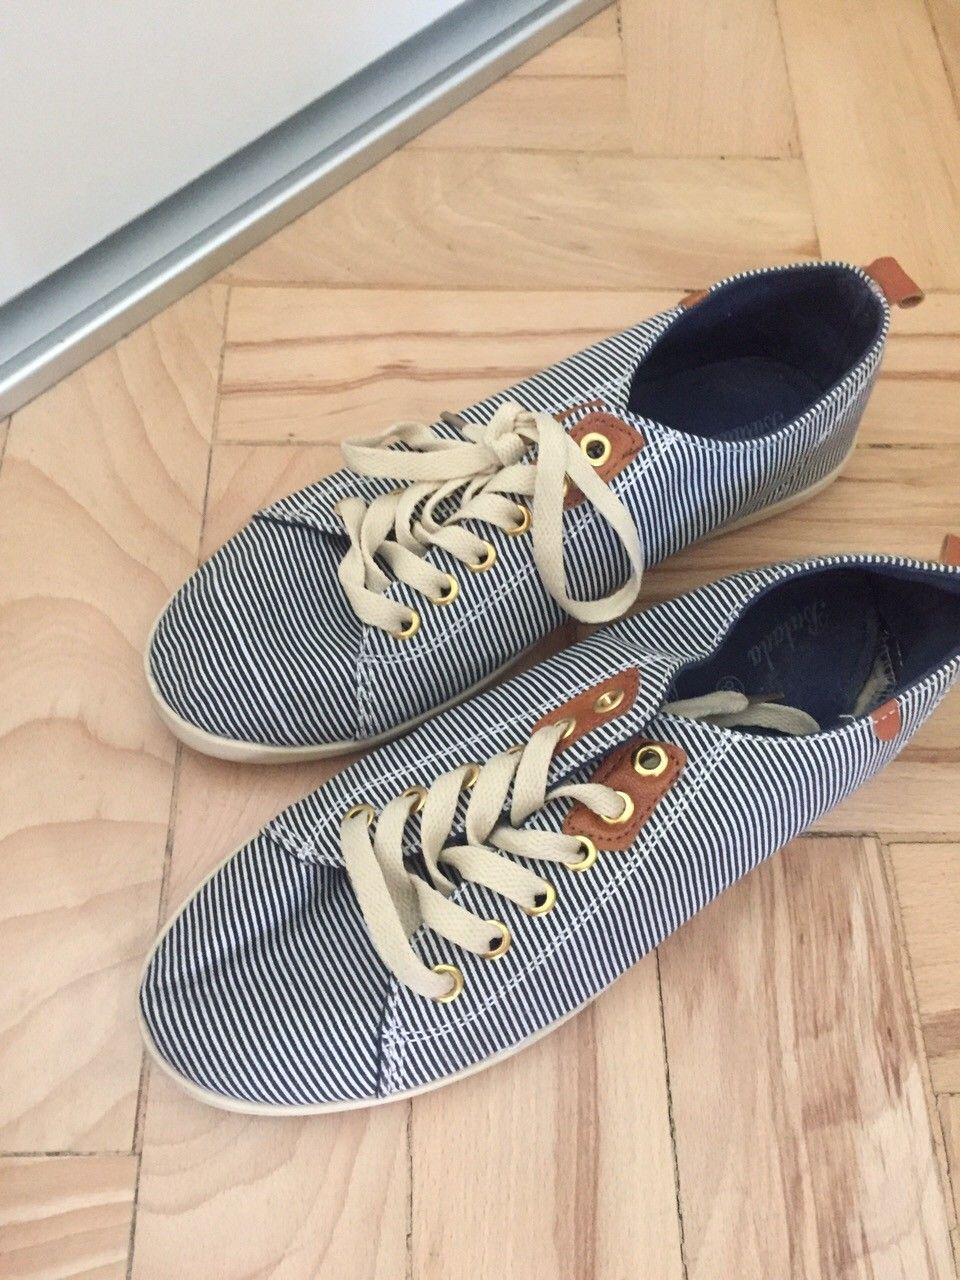 Sommer sko - Morvik  - Sommer sko- brukt en gang- str 38 men mer sånn 39 - 80nok - Morvik